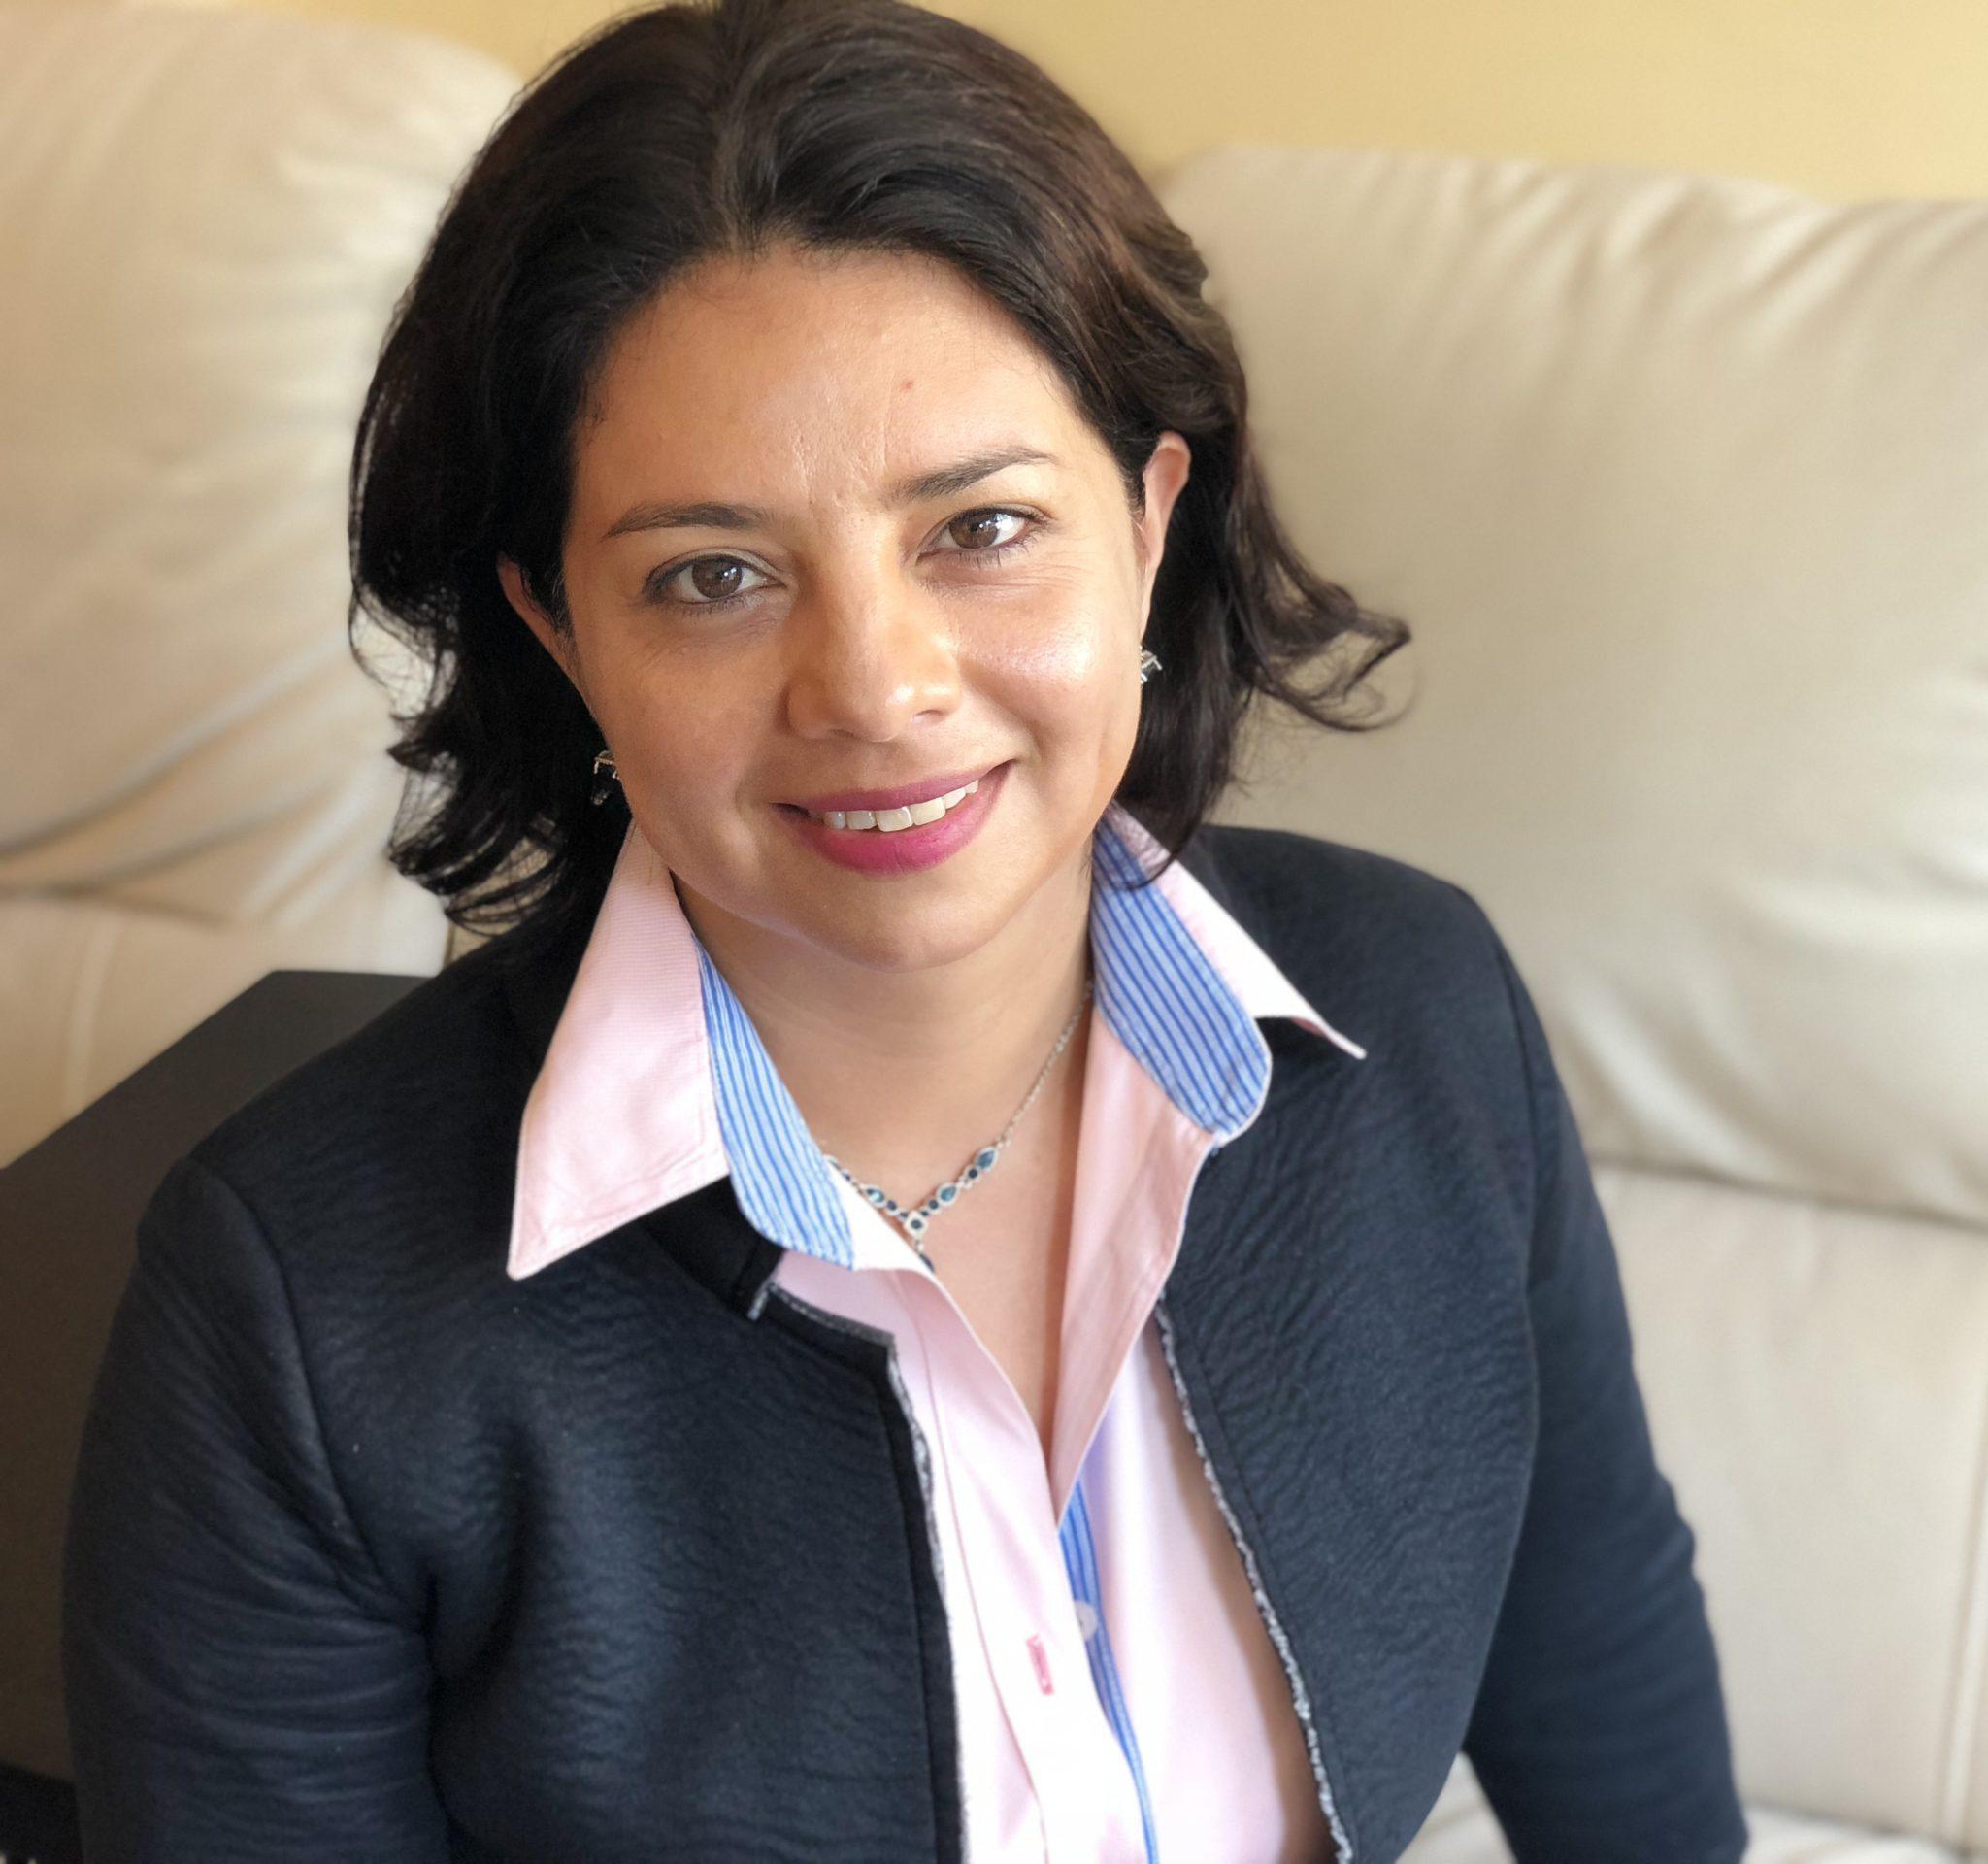 María Fernanda González Gutiérrez